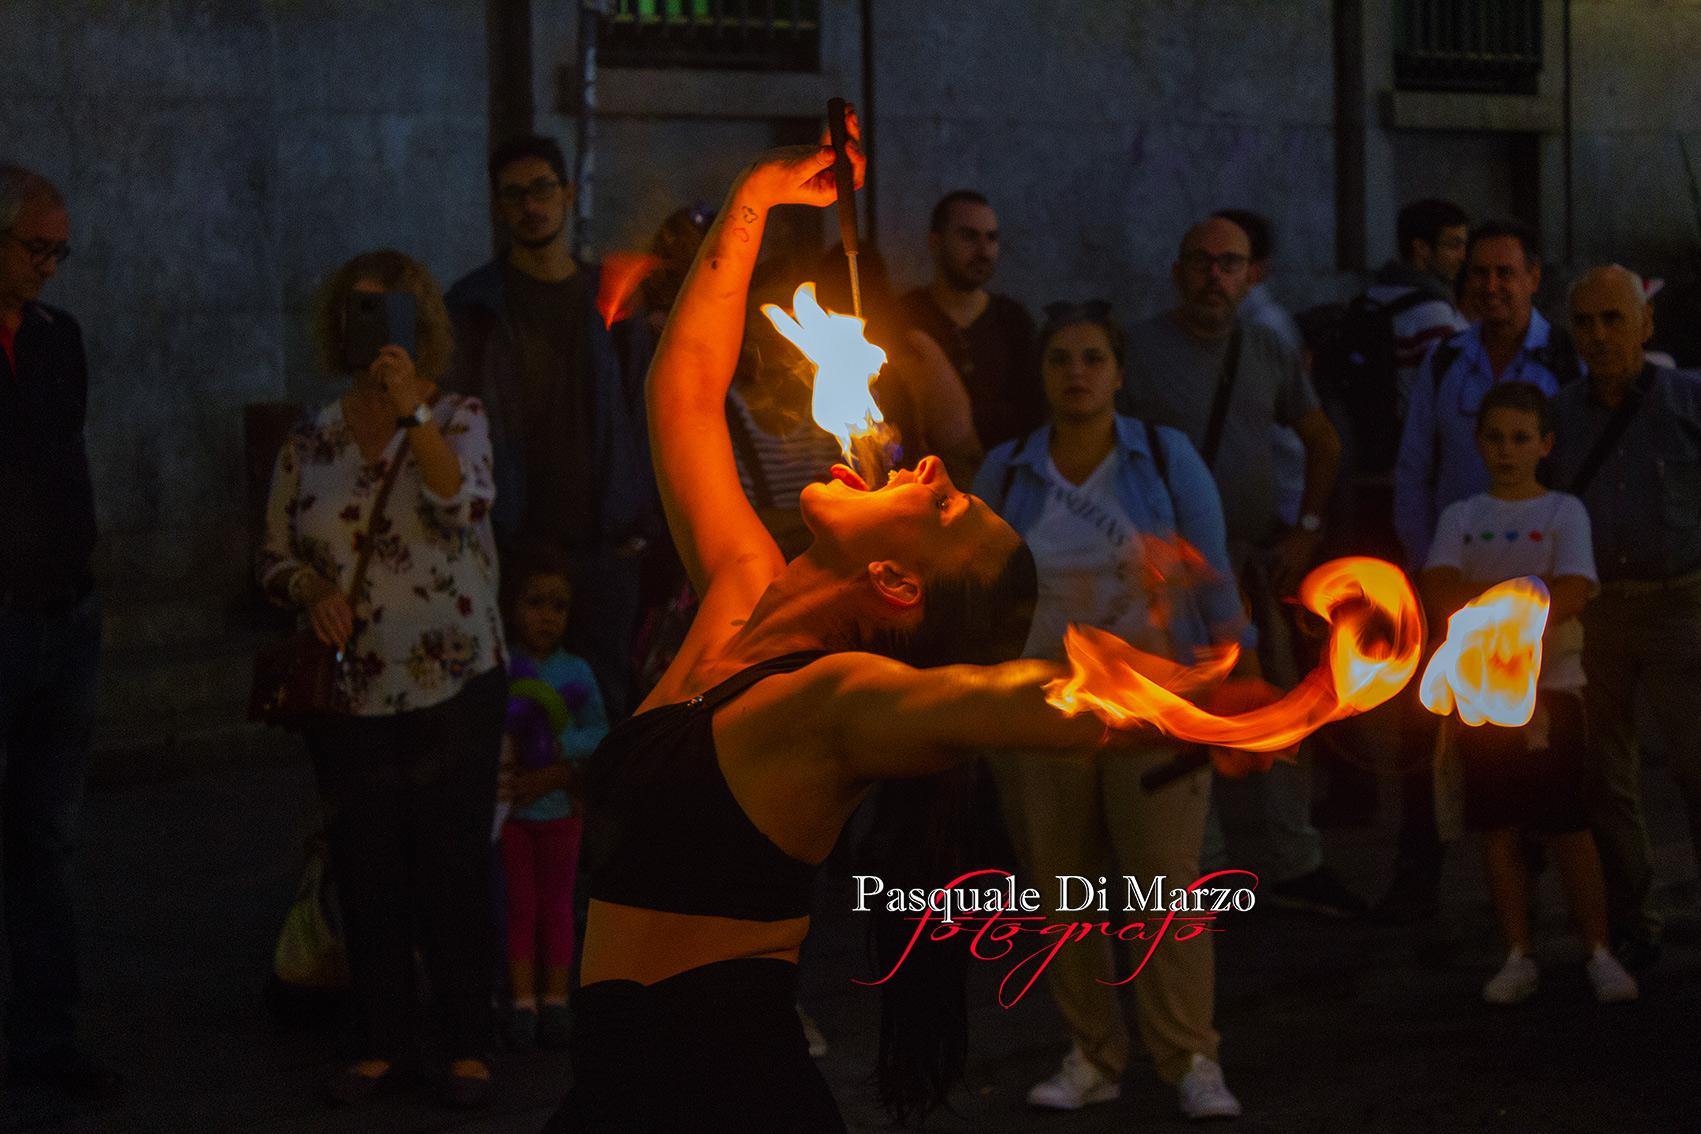 IMG 6978 A NAPOLI IN VIA TOLEDO LA SECONDA EDIZIONE DEL NAPOLI BUSKERS FESTIVAL, LA FOTOGALLERY